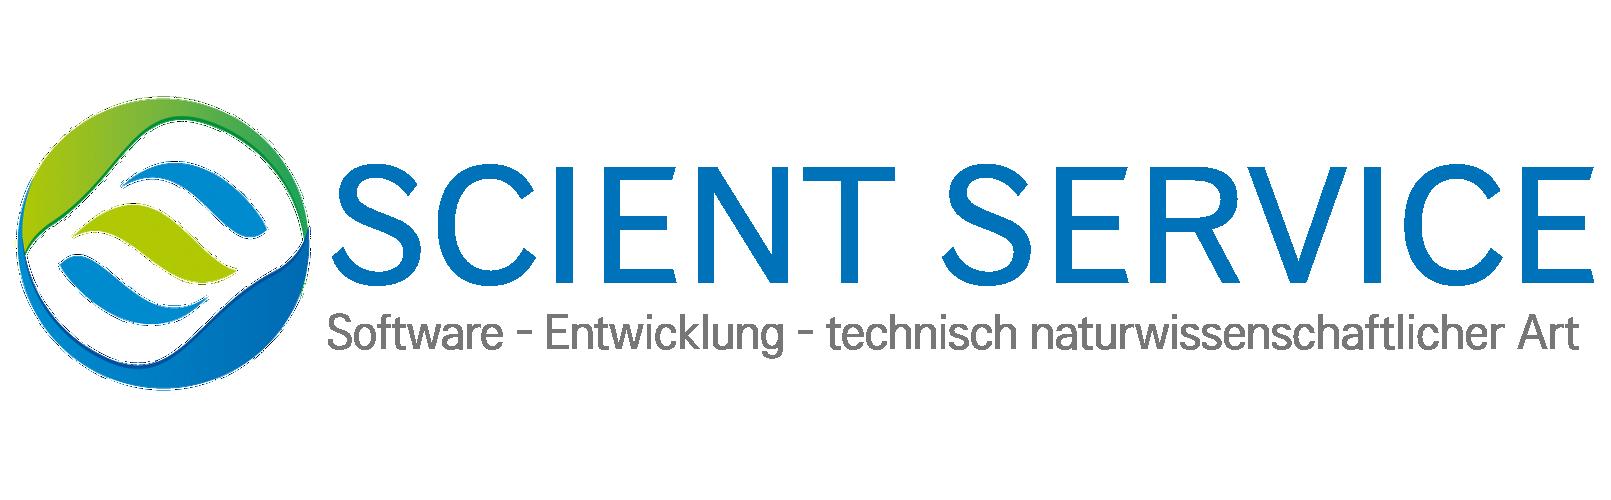 Scient-Service Ingenieurbüro Peter Lehr